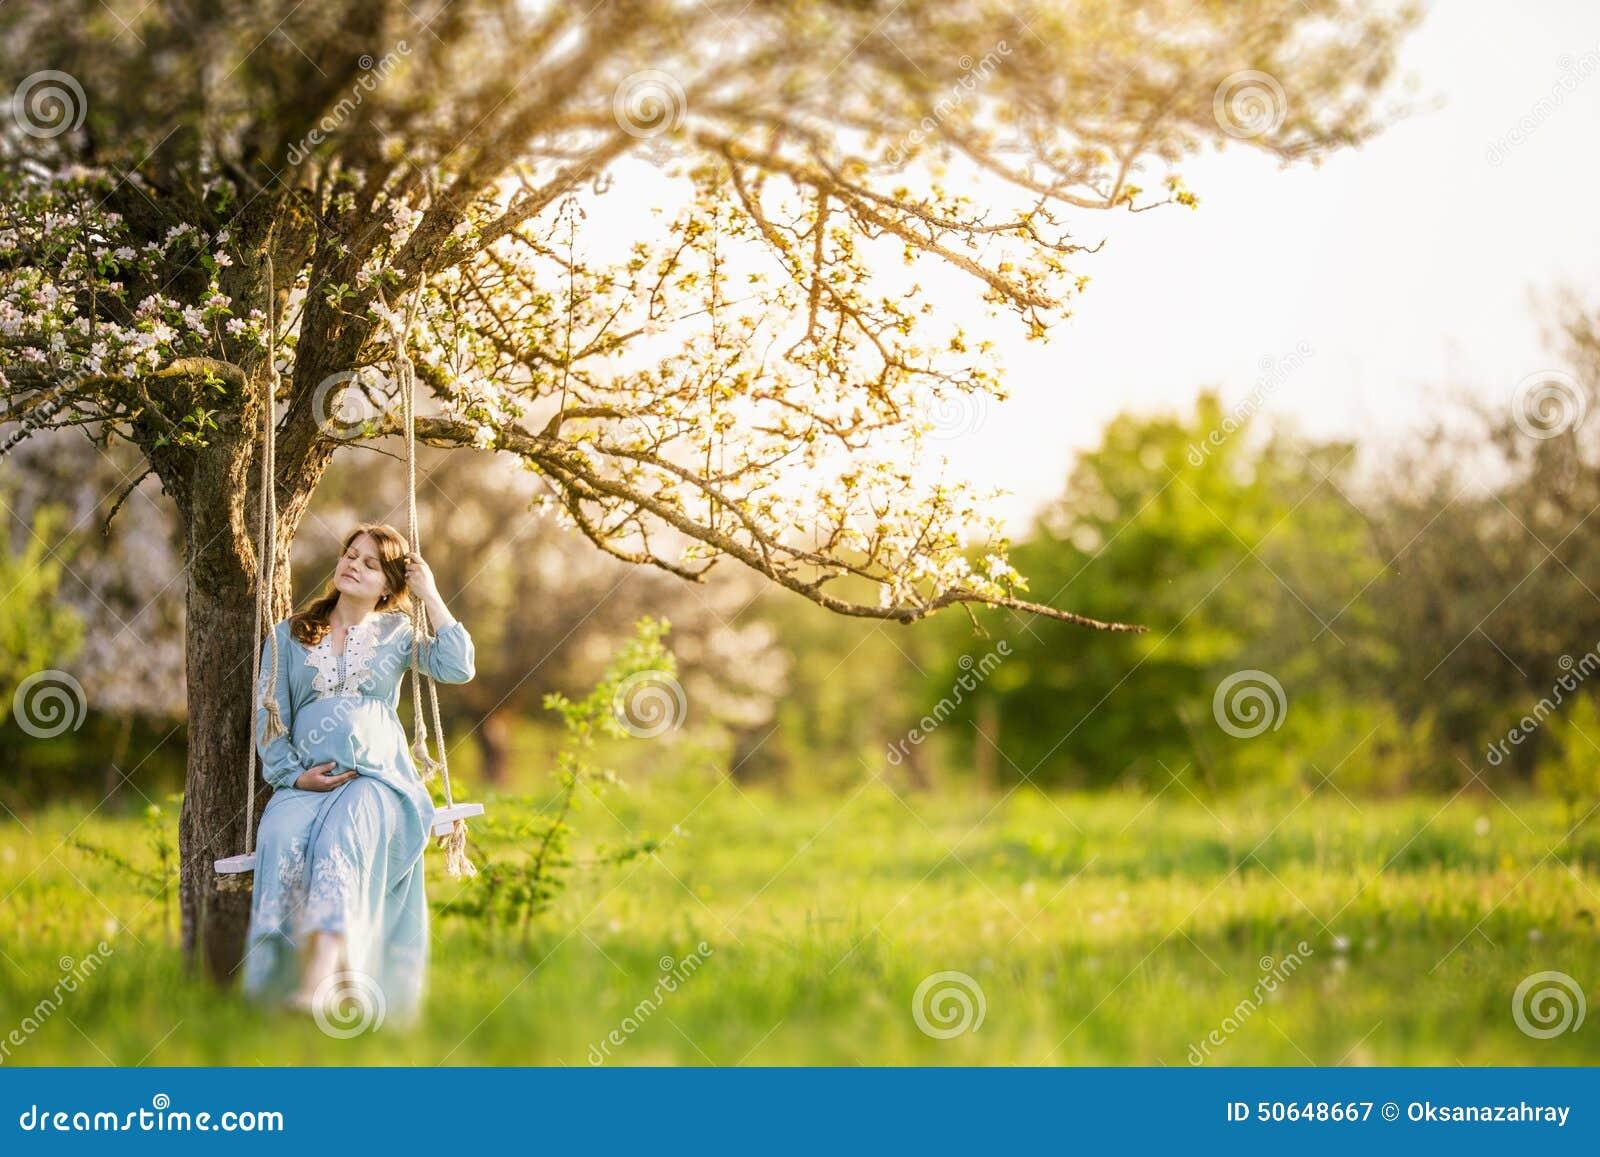 Femme enceinte dans le jardin photo stock image 50648667 for Dans le jardin